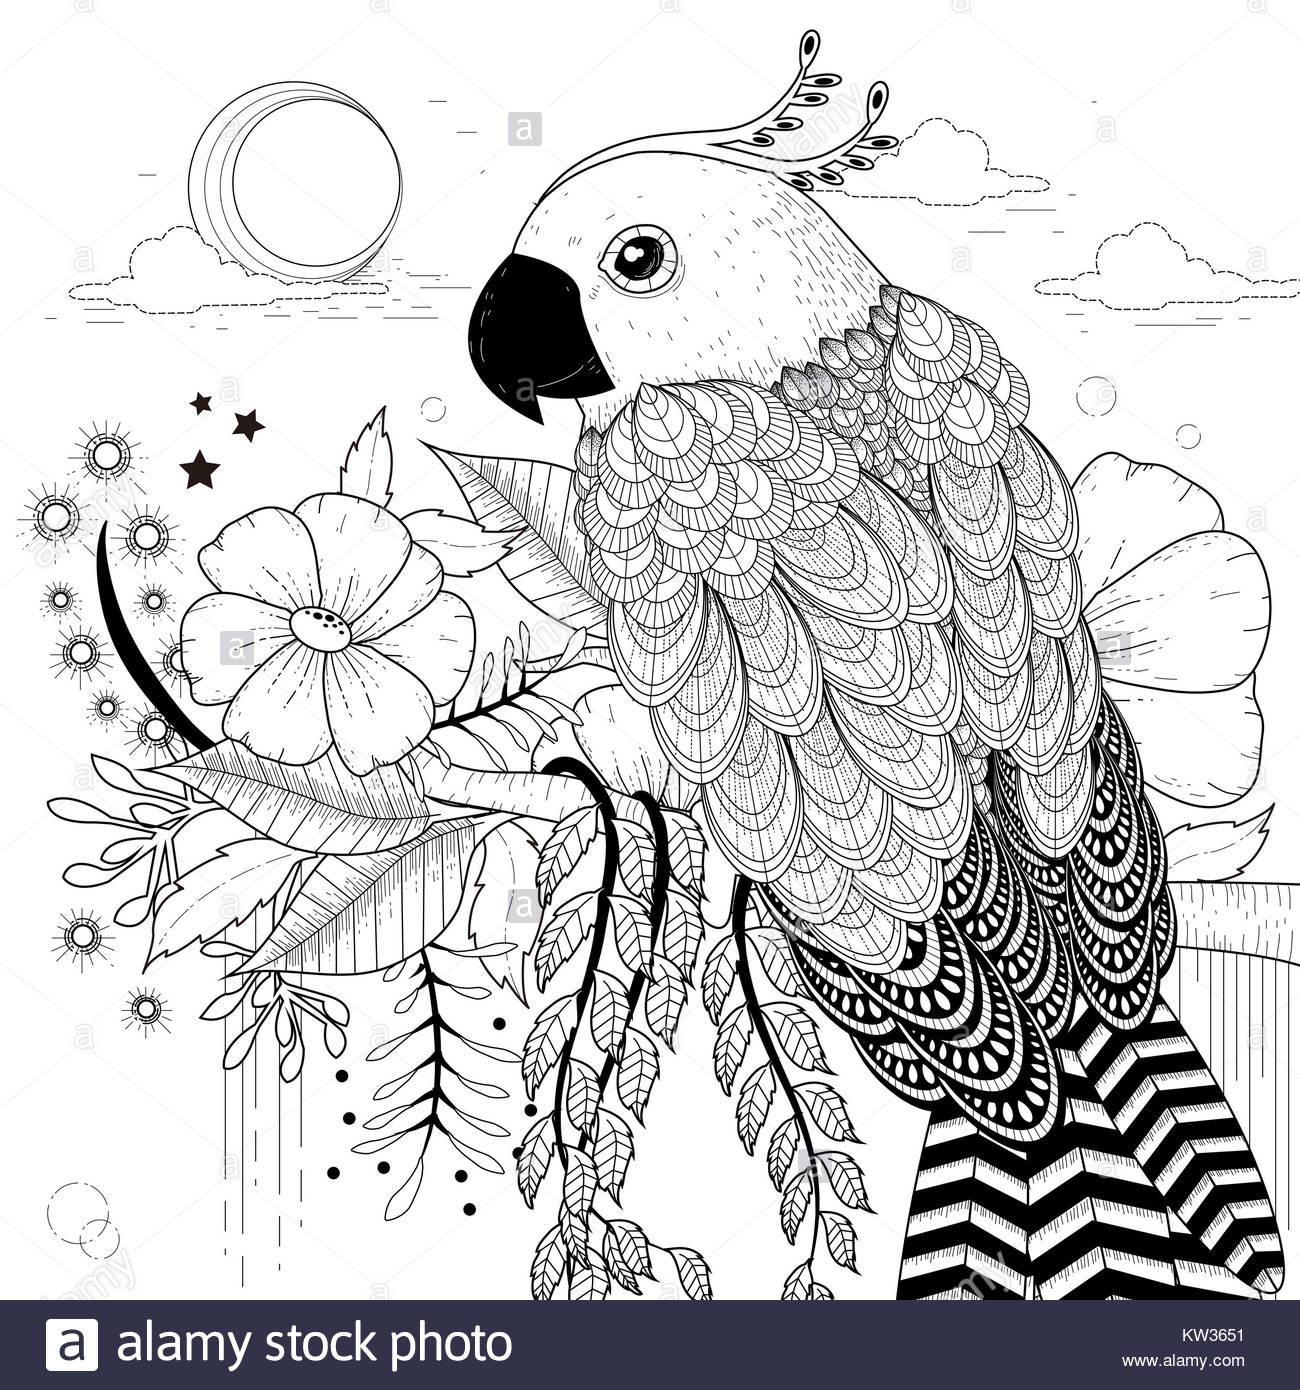 schöne Papagei Malvorlagen in exquisitem Stil Stockfoto, Bild ...